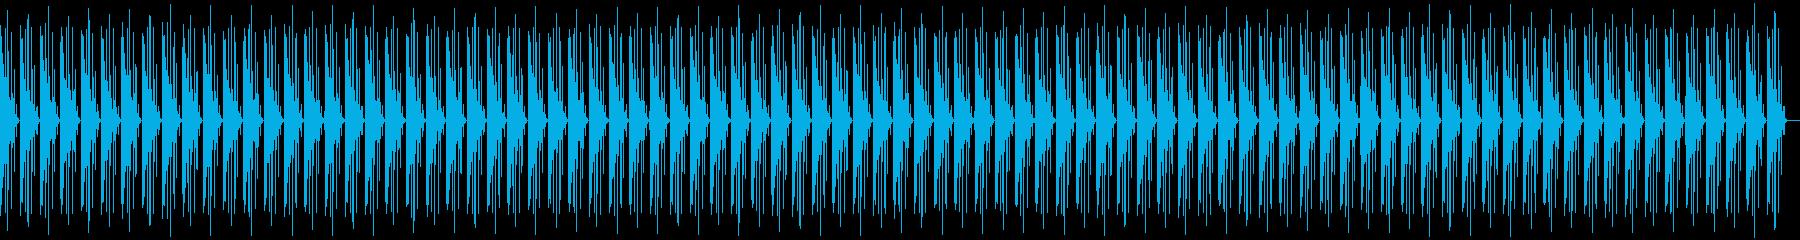 ほのぼのした雰囲気のビートの再生済みの波形